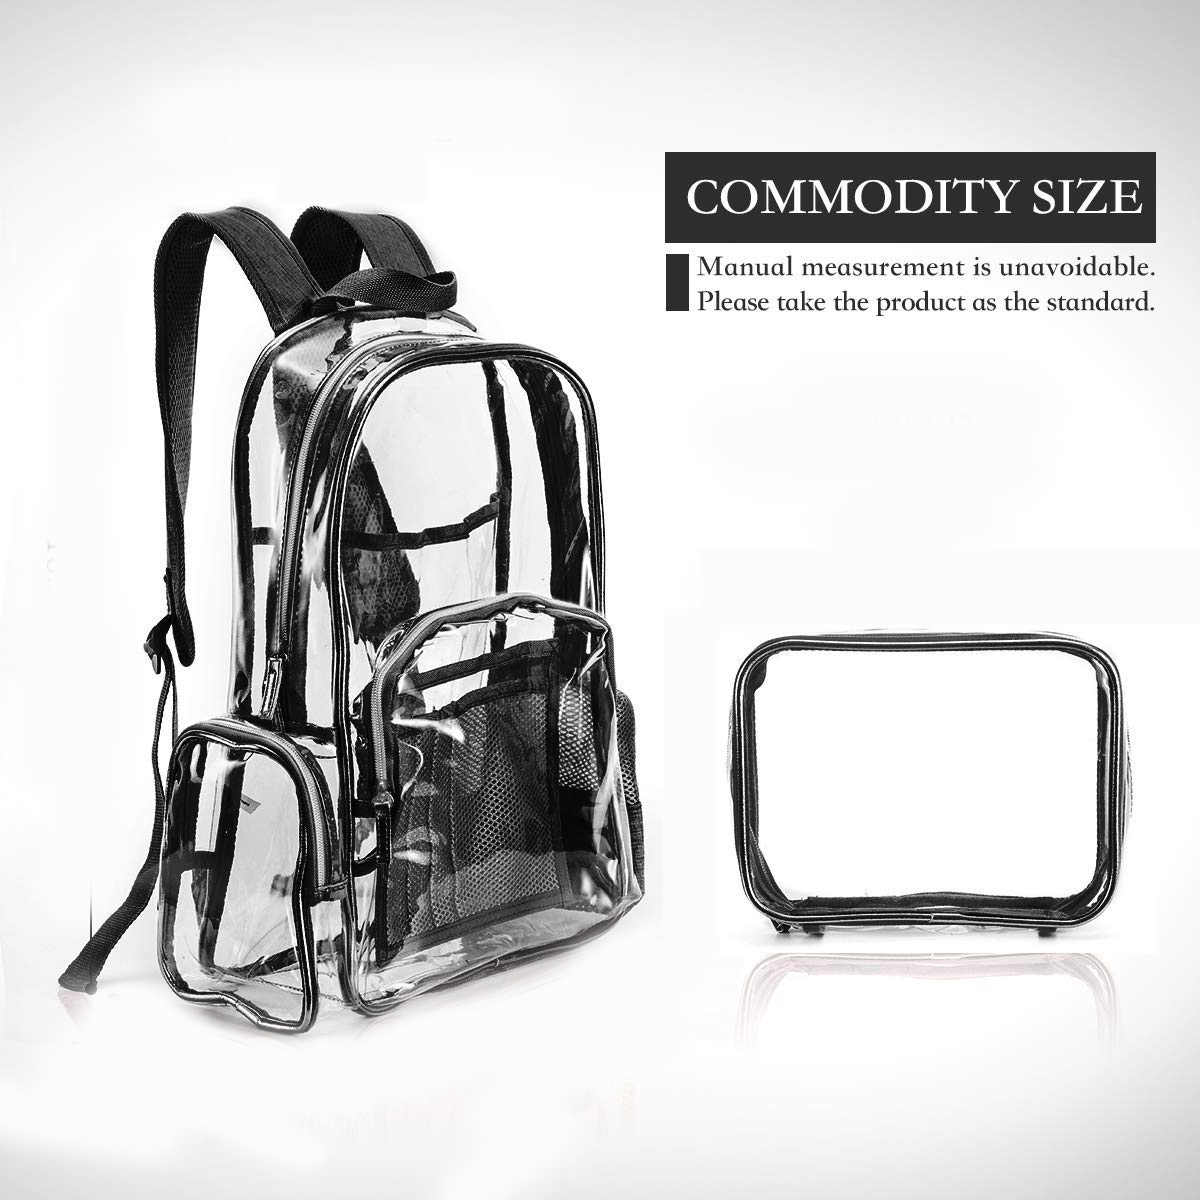 BEAU-Clear рюкзак для девочек, подходит для 15,6 дюймового ноутбука, школьная сумка, рюкзак для студентов, прозрачный ПВХ, несколько карманов, школьный рюкзак